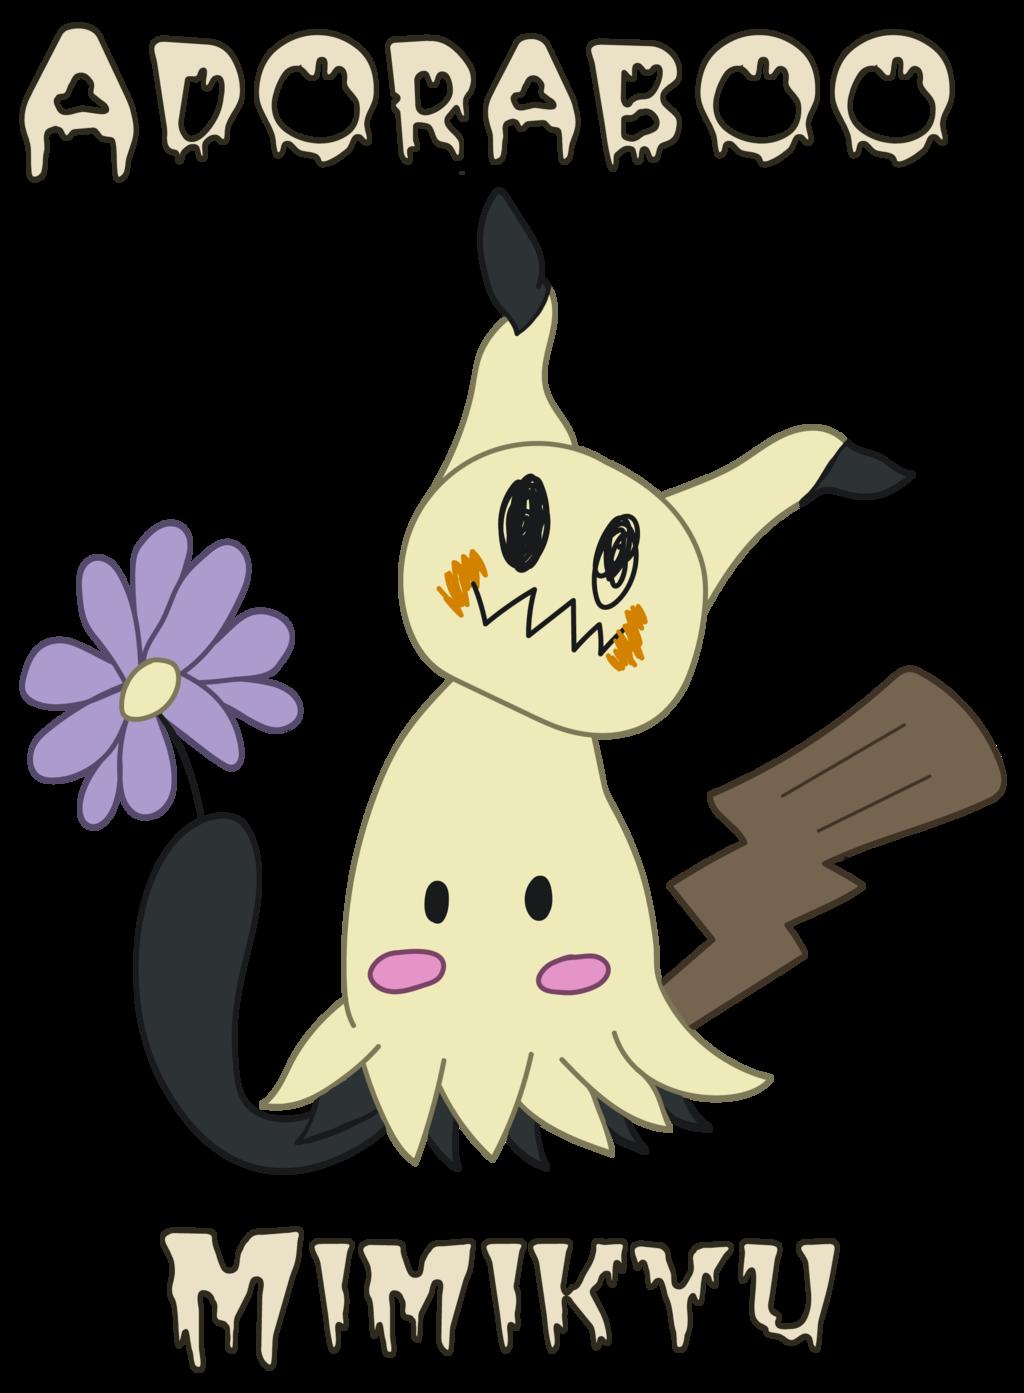 Adoraboo Mimikyu